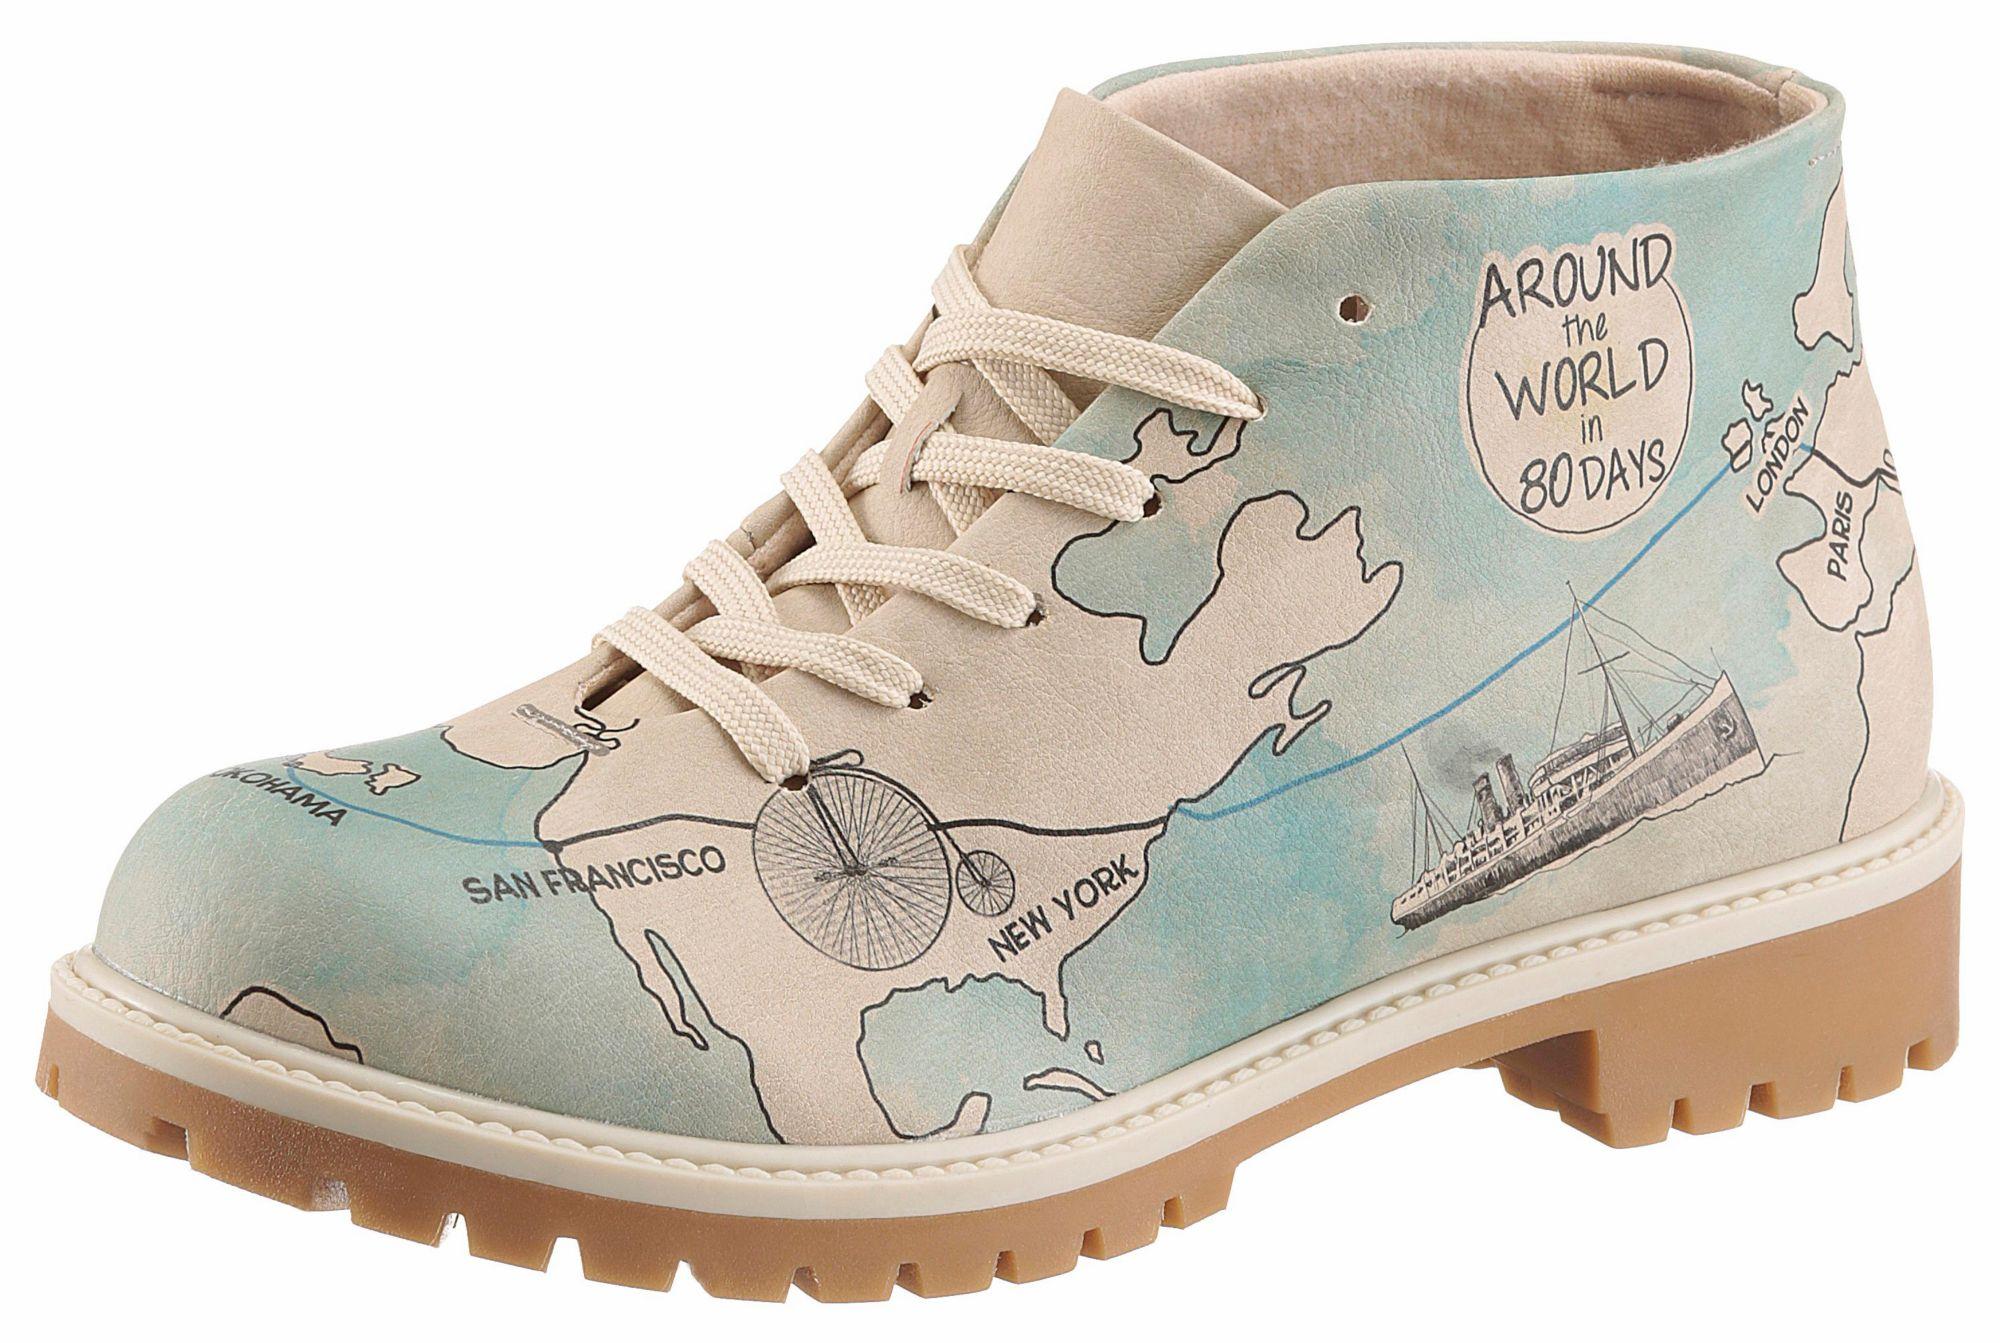 DOGO  Schnürboots »All around the world in 80 days«